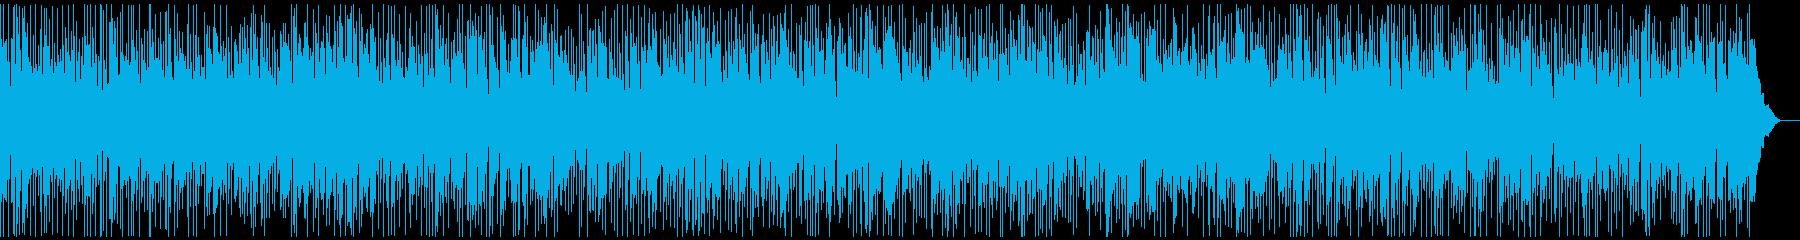 軽快なロカビリー風BGMの再生済みの波形